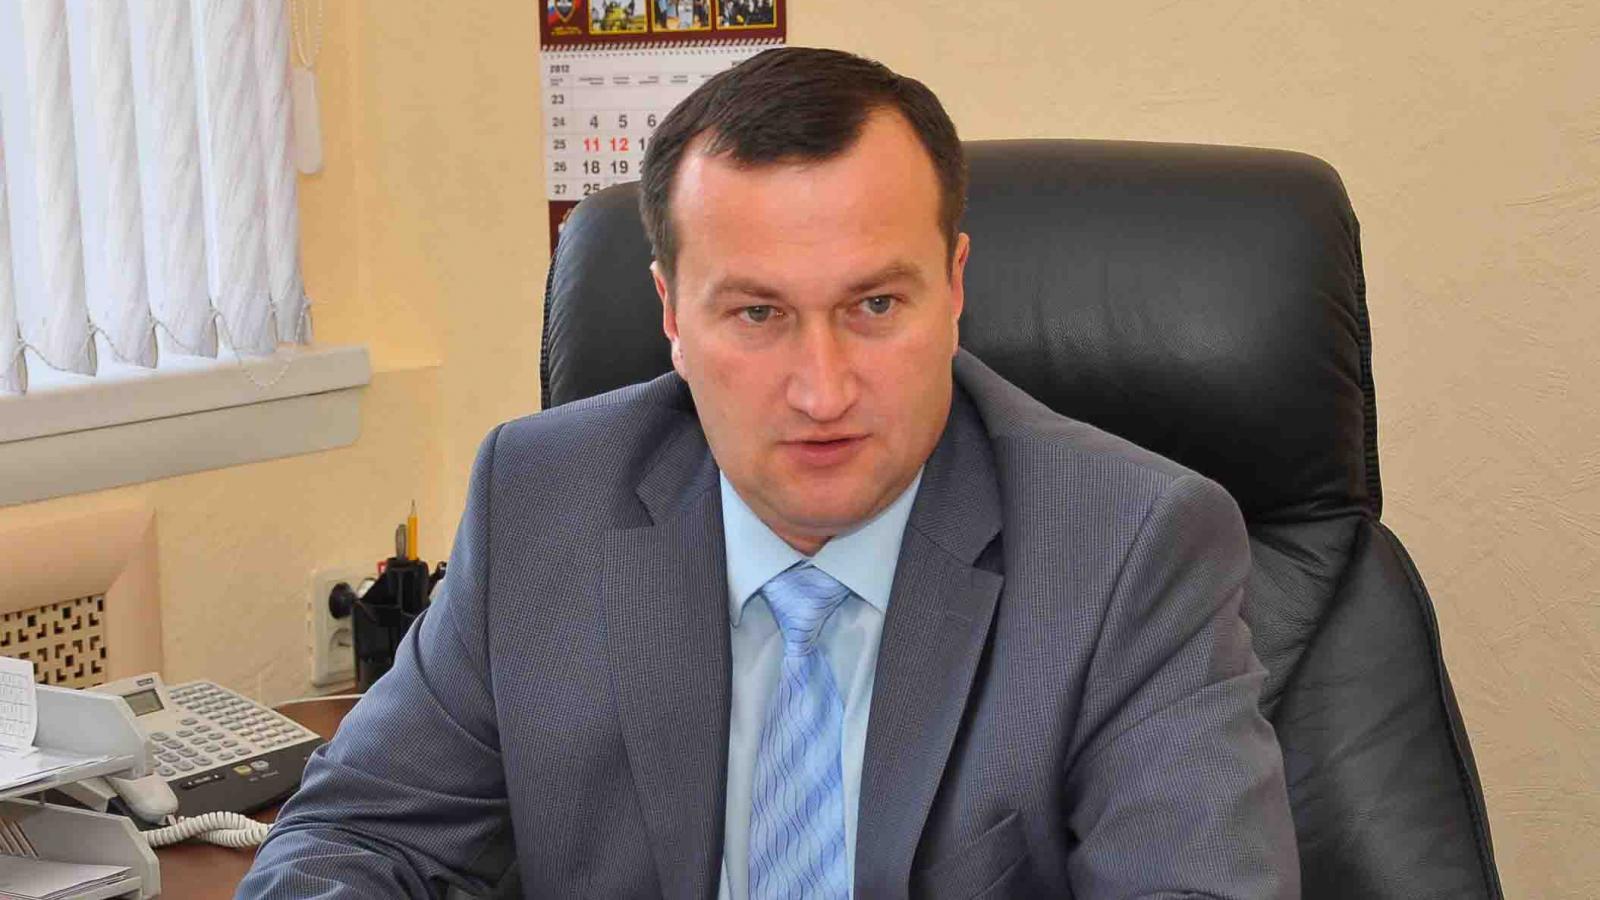 Бывшего руководителя «Водоканала» взяли под домашний арест